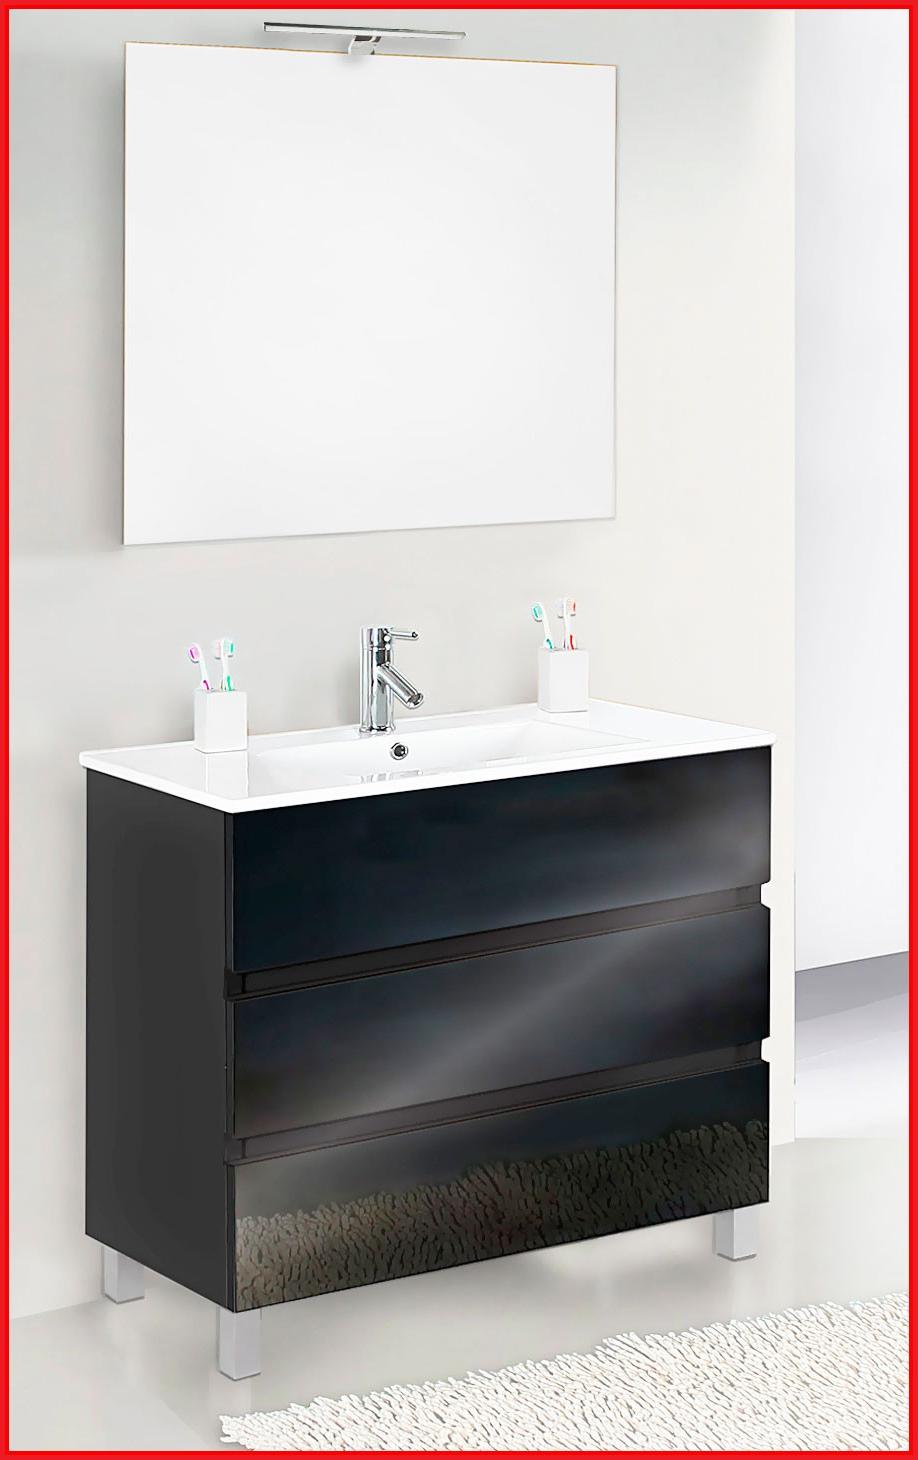 Mueble Baño Bajo Lavabo H9d9 Armarios Altos De Baà O Armario Bajo Lavabo Pie Cheap Mueble